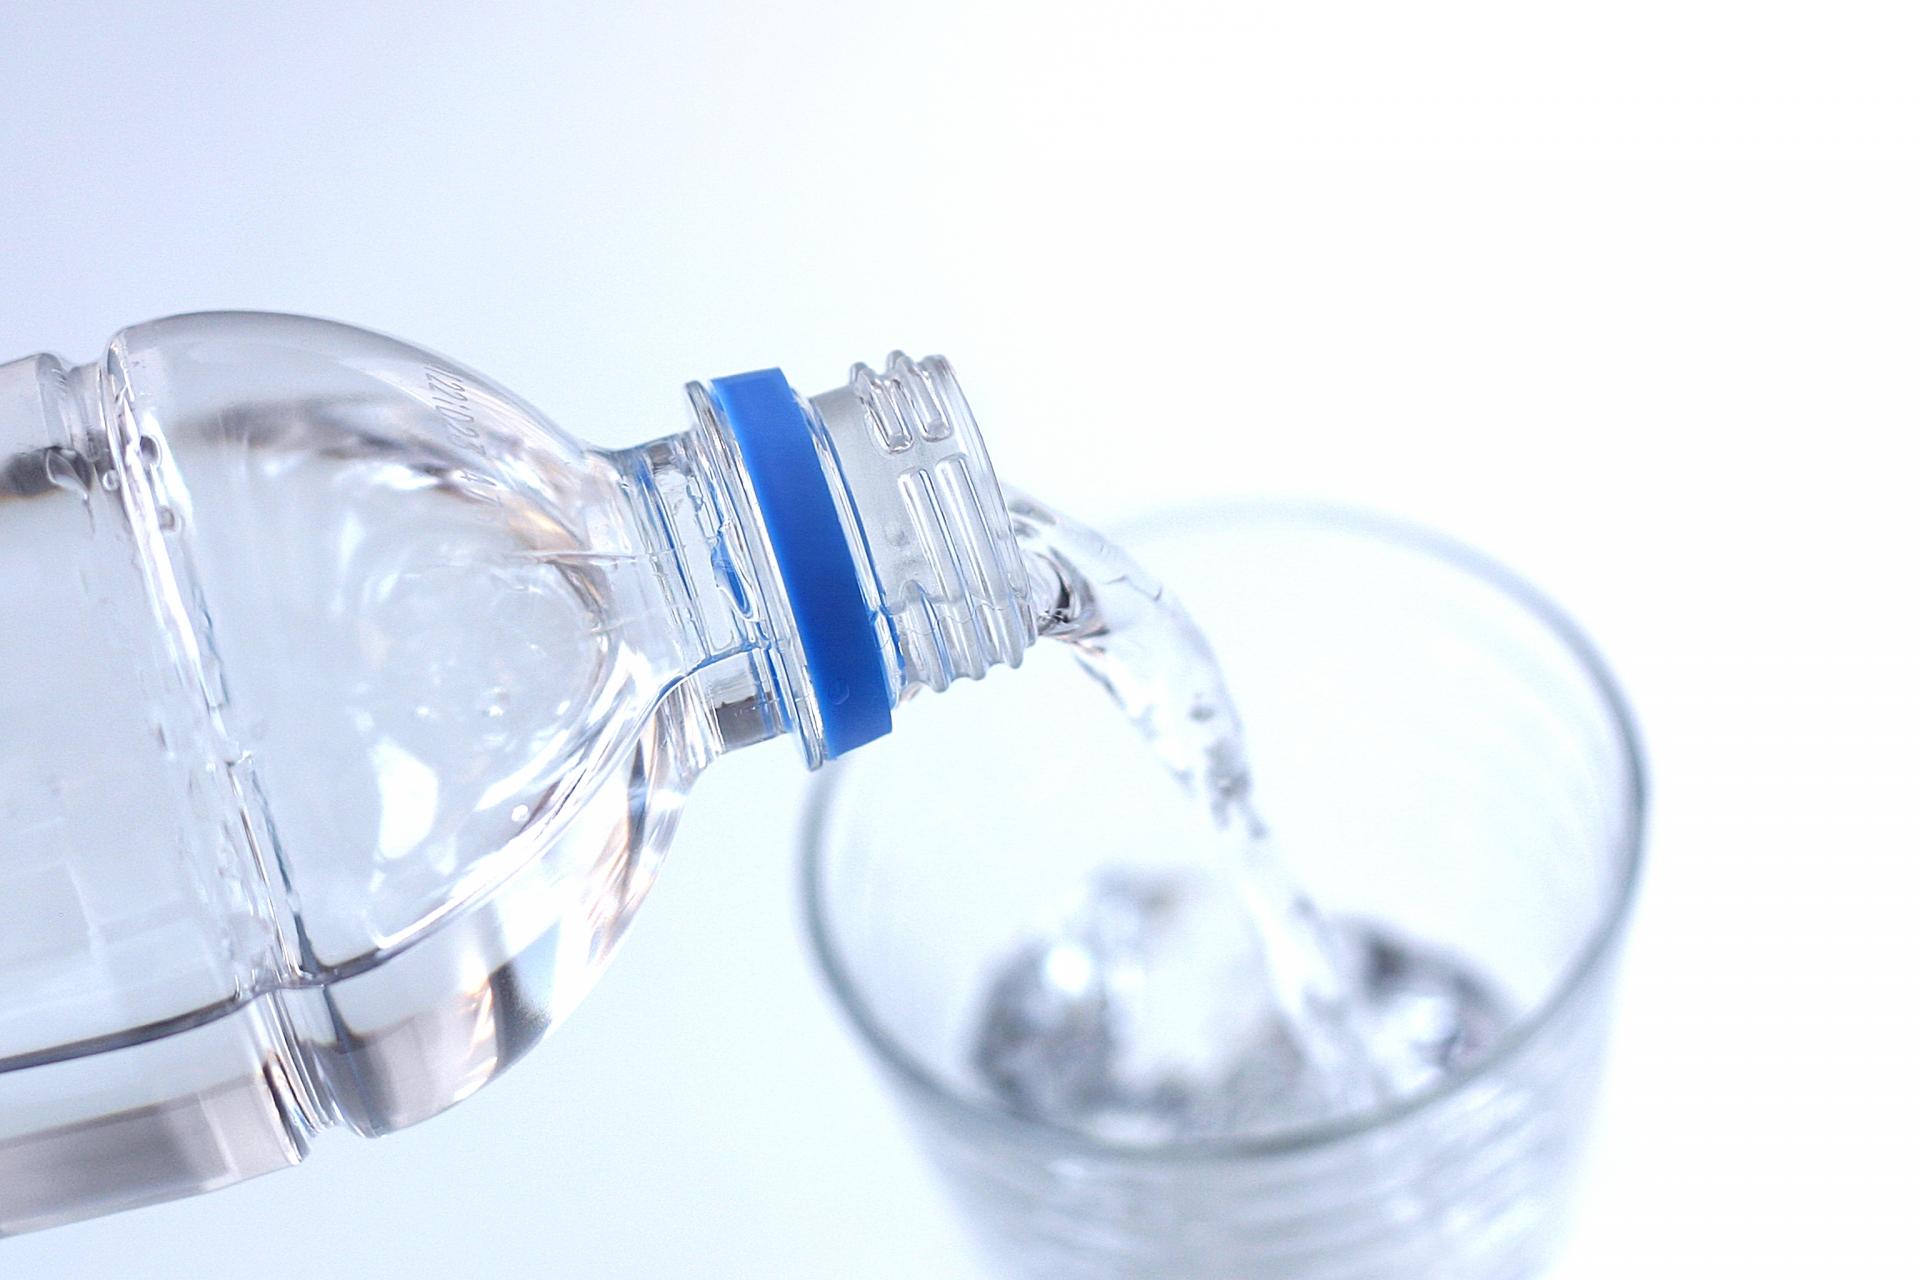 ペットボトルのお水の写真